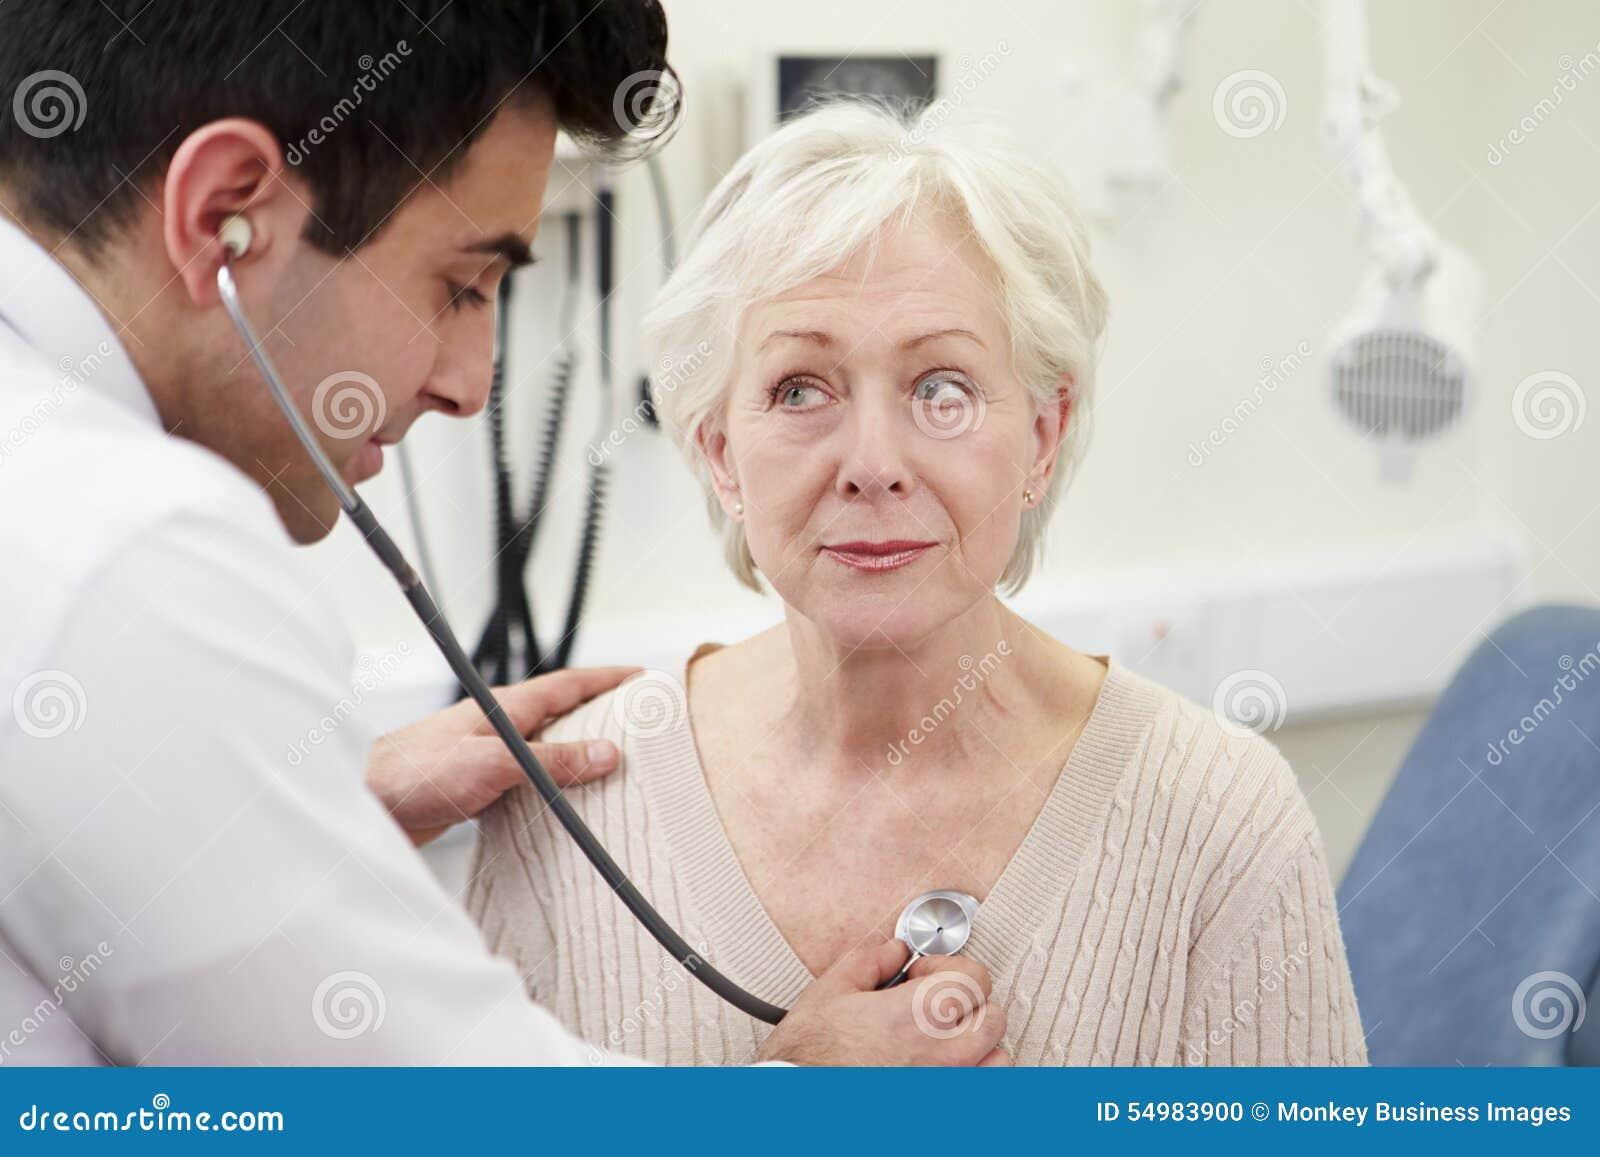 Patient för doktor Examining Senior Female i sjukhus